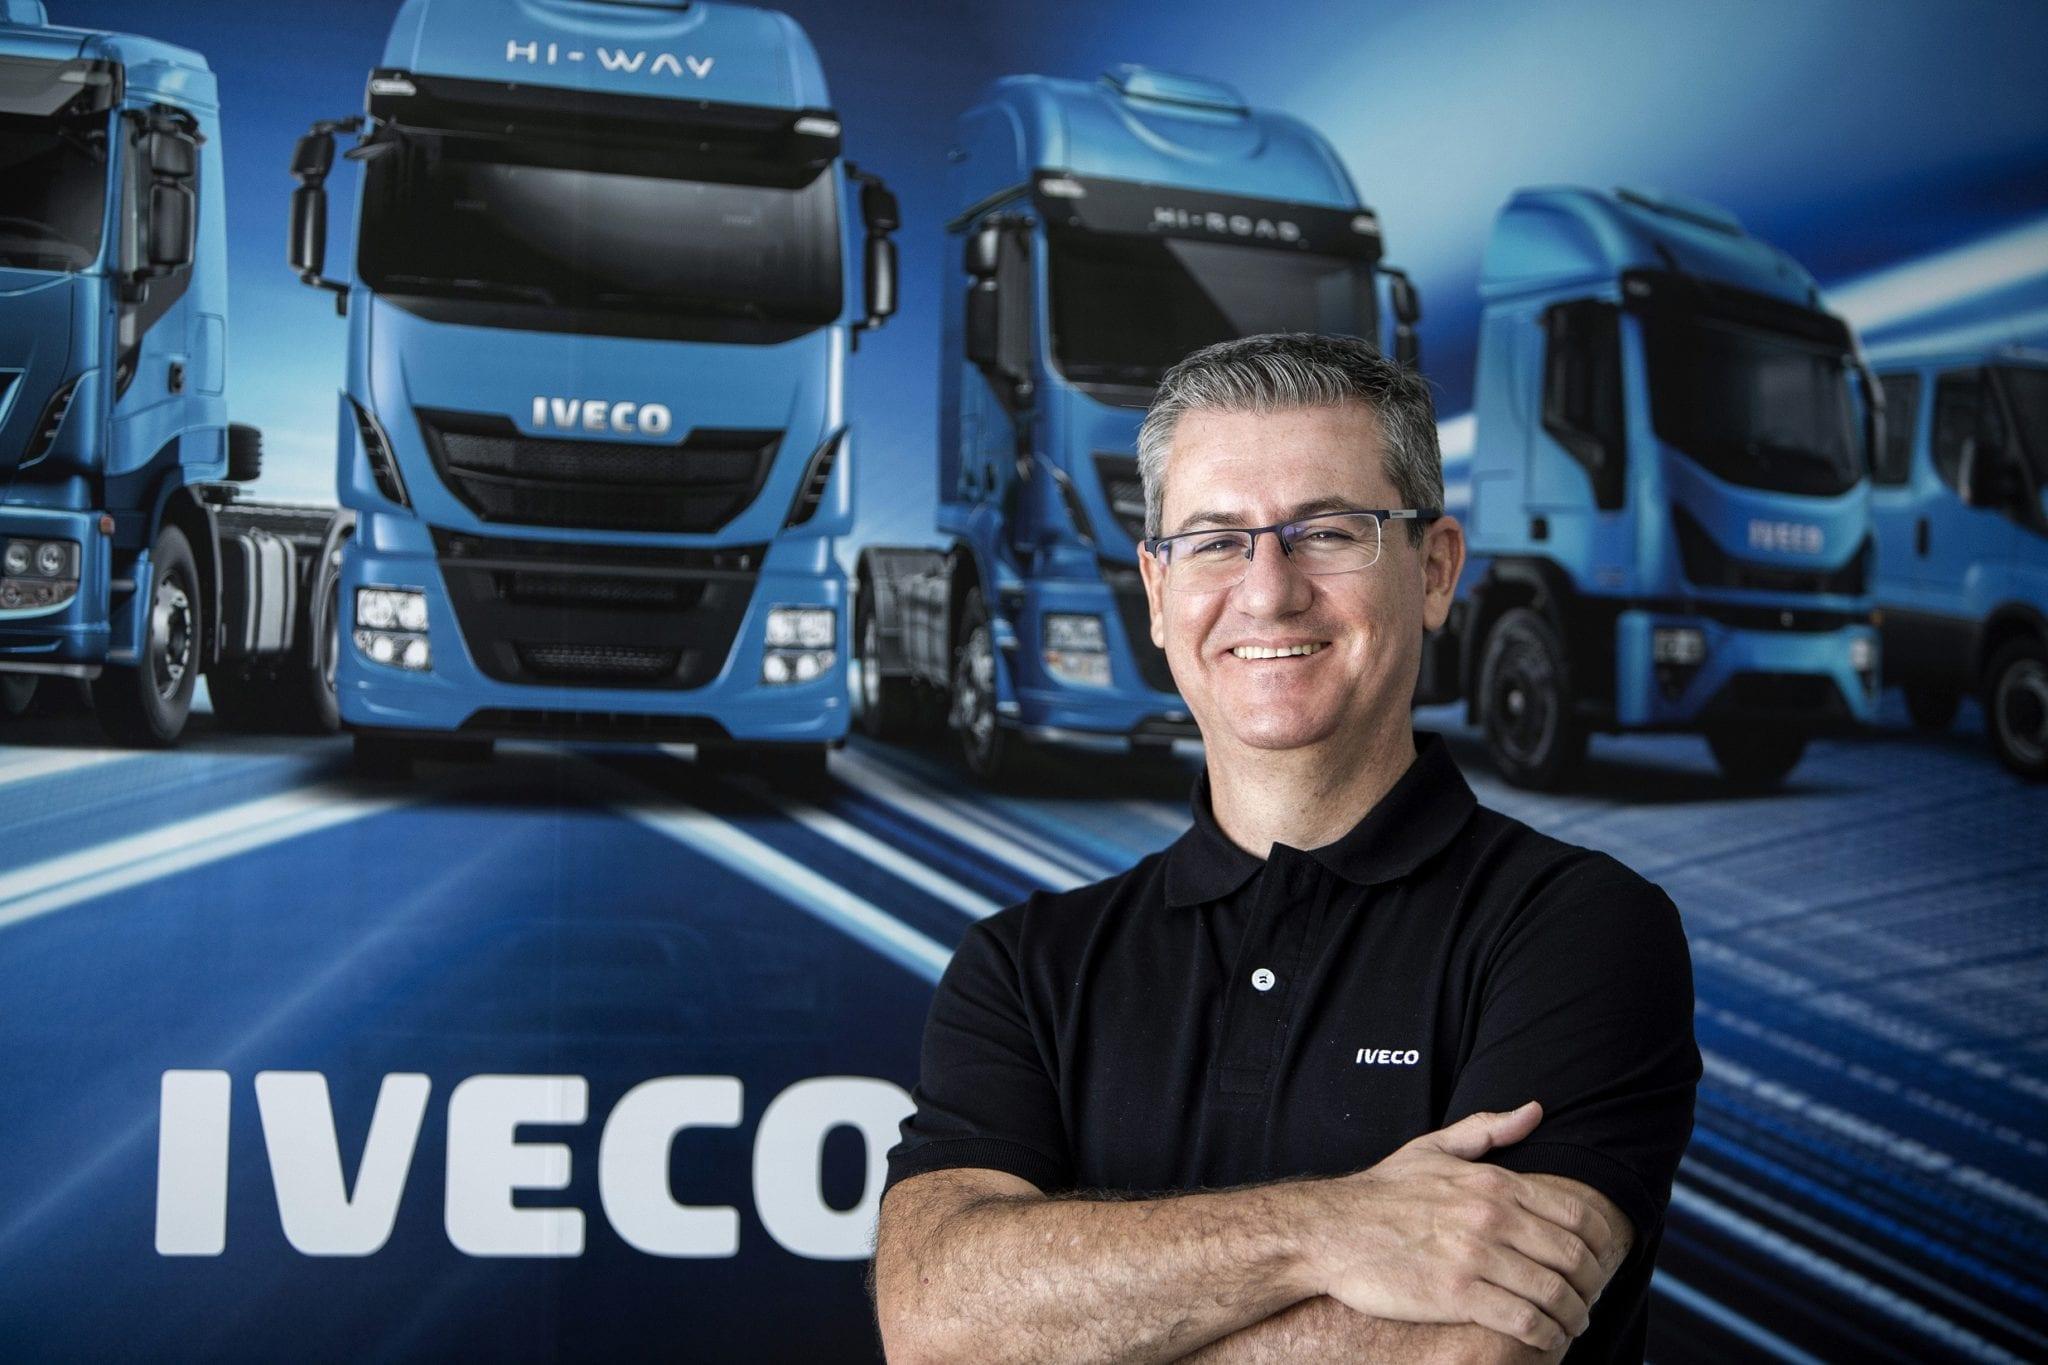 Inovação no transporte posiciona a IVECO em evidência no setor